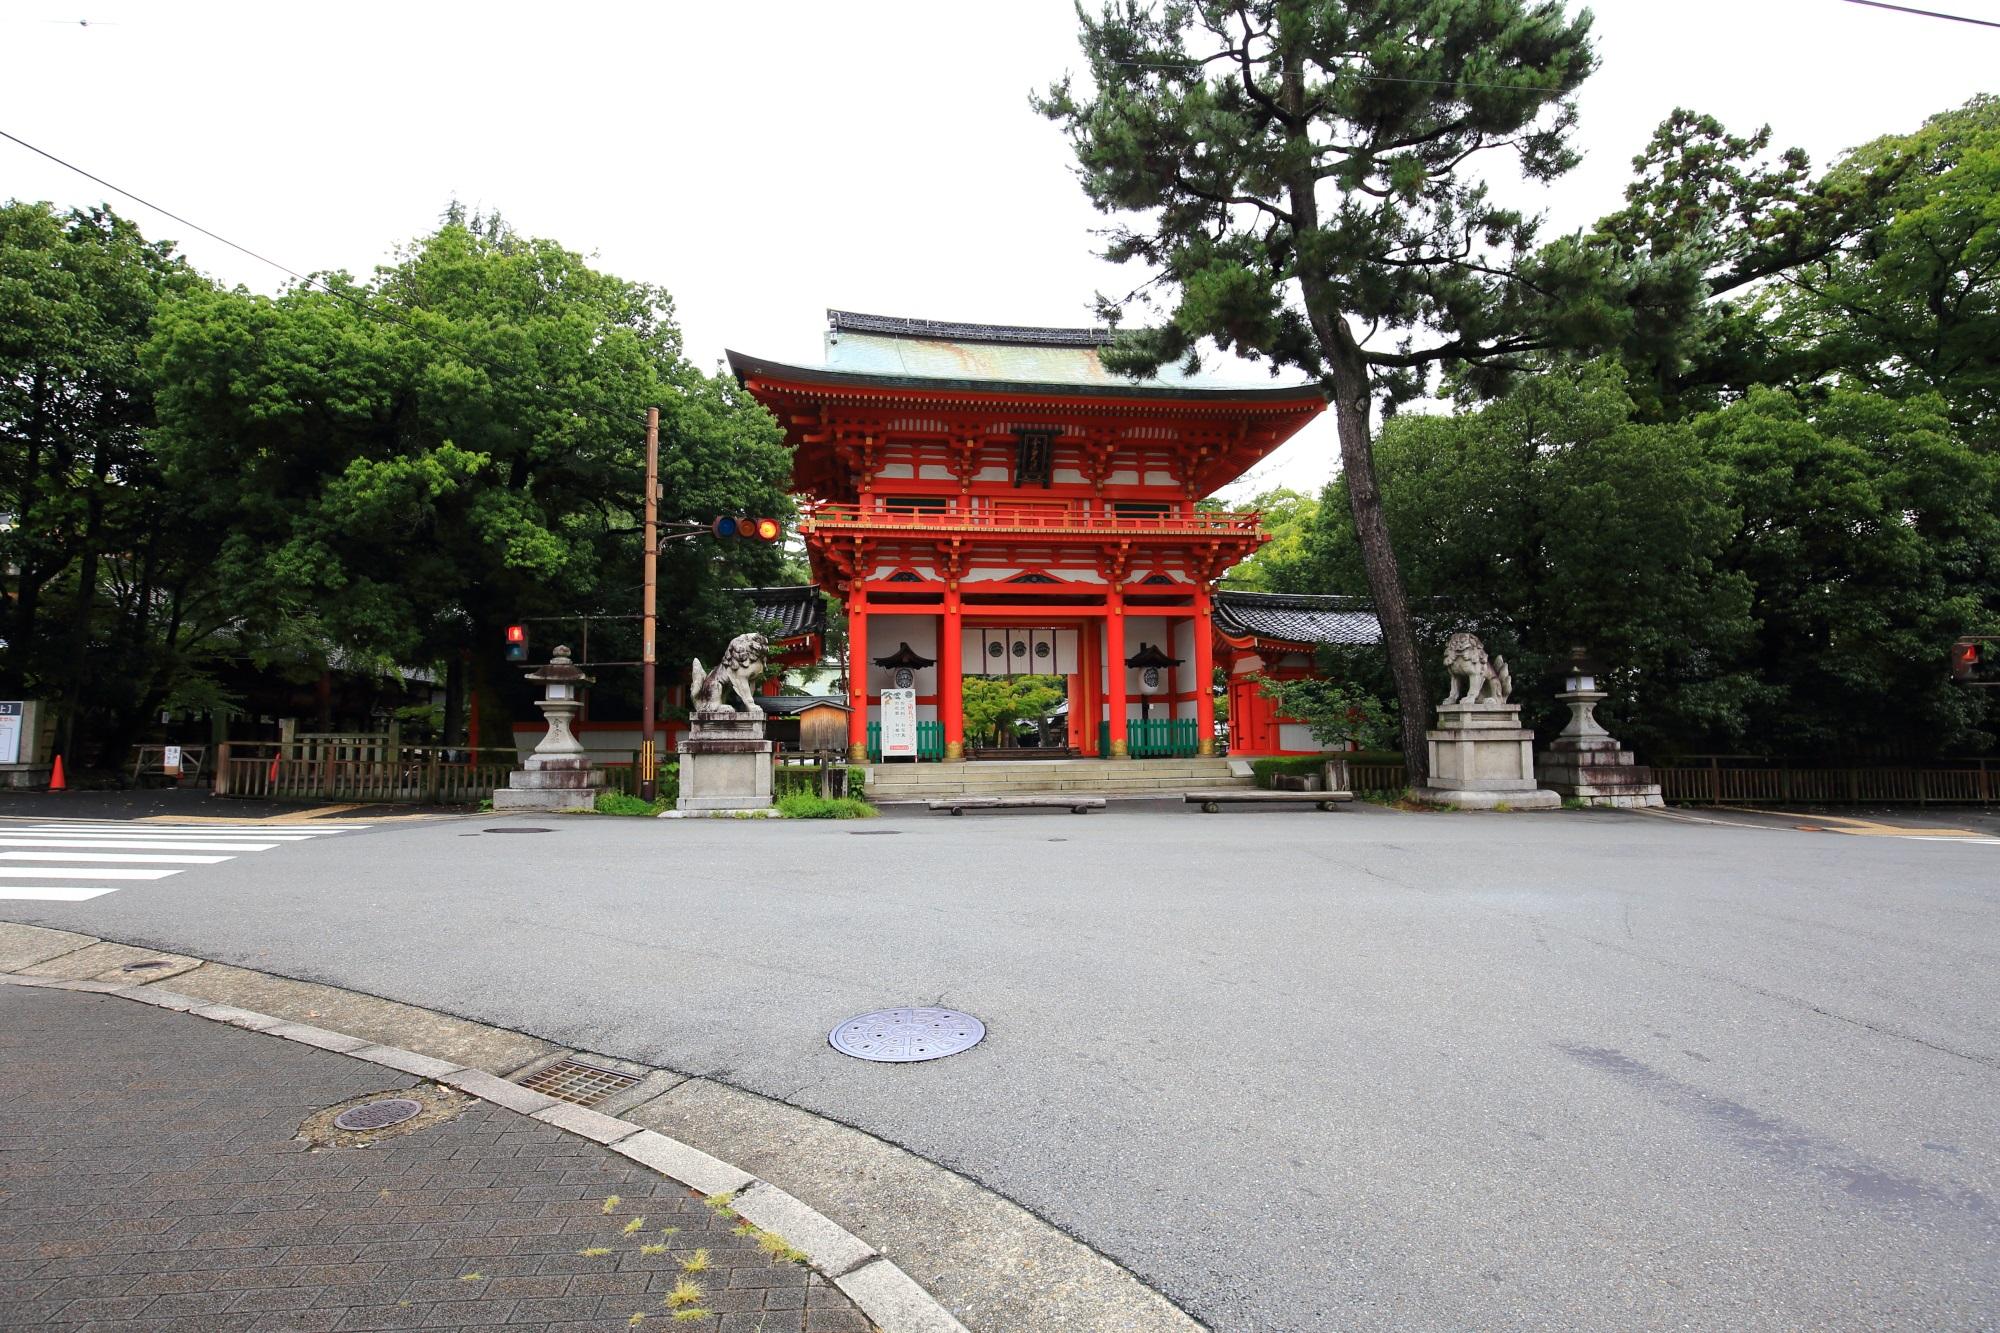 遠めから眺めた今宮神社の楼門